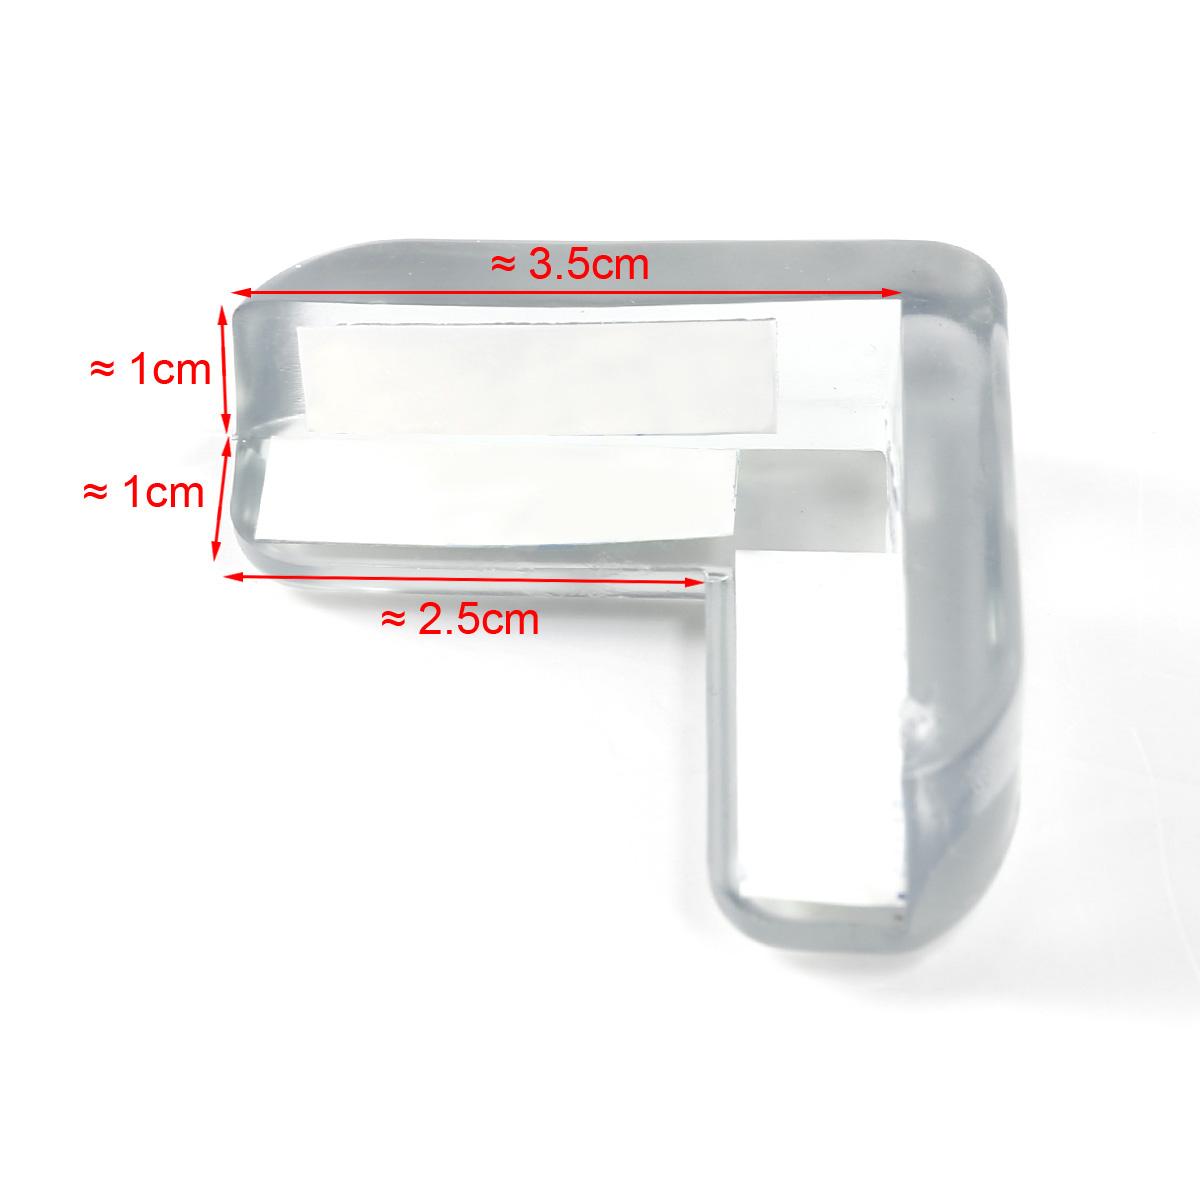 20 x silikon glastisch eckenschutz kantenschutz f r kinder baby sicherungspuffer ebay. Black Bedroom Furniture Sets. Home Design Ideas